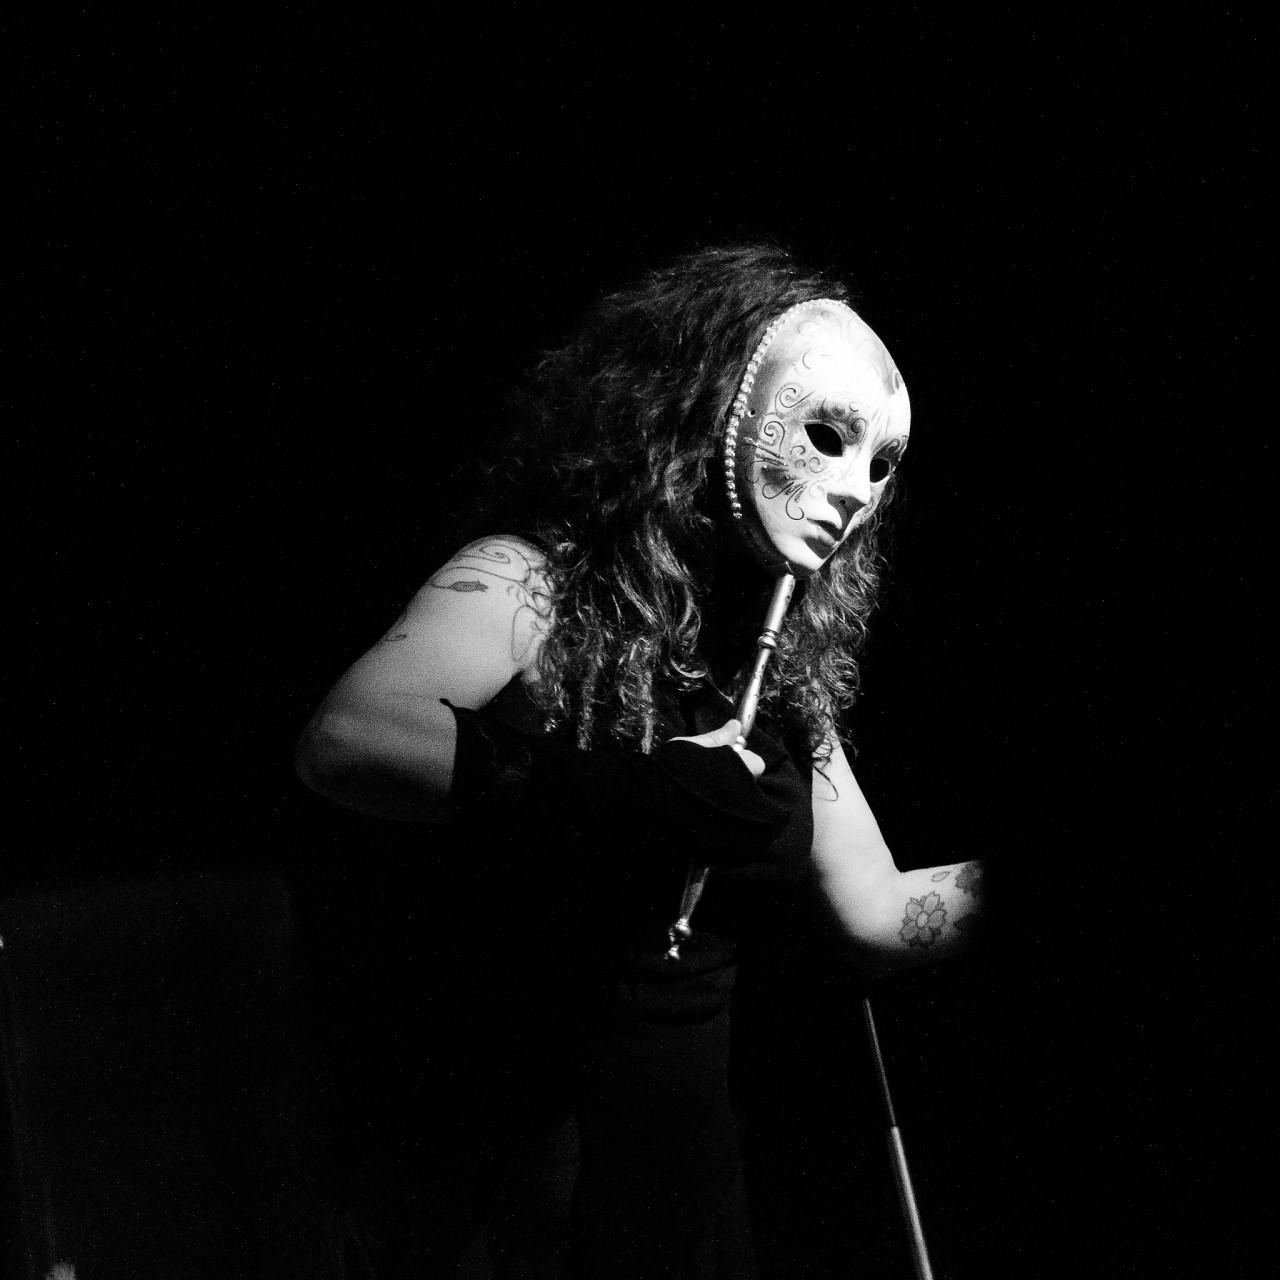 Γεωργία Βεληβασάκη – Περί performance ποίησης (1-13)